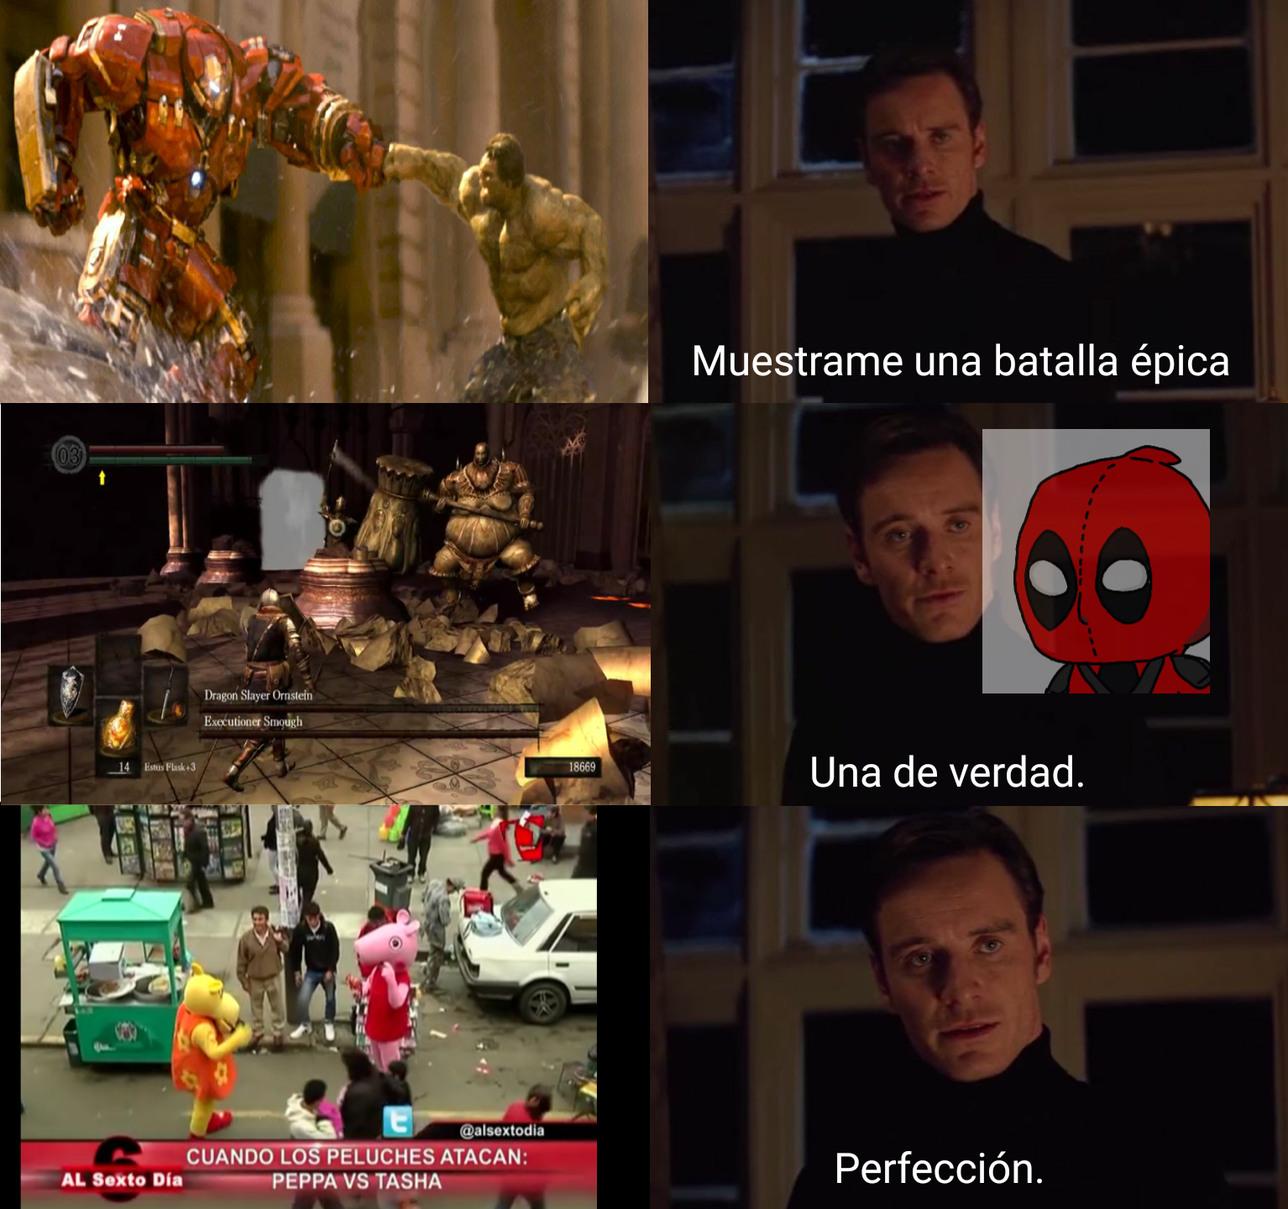 La pelea más épica del universo - meme